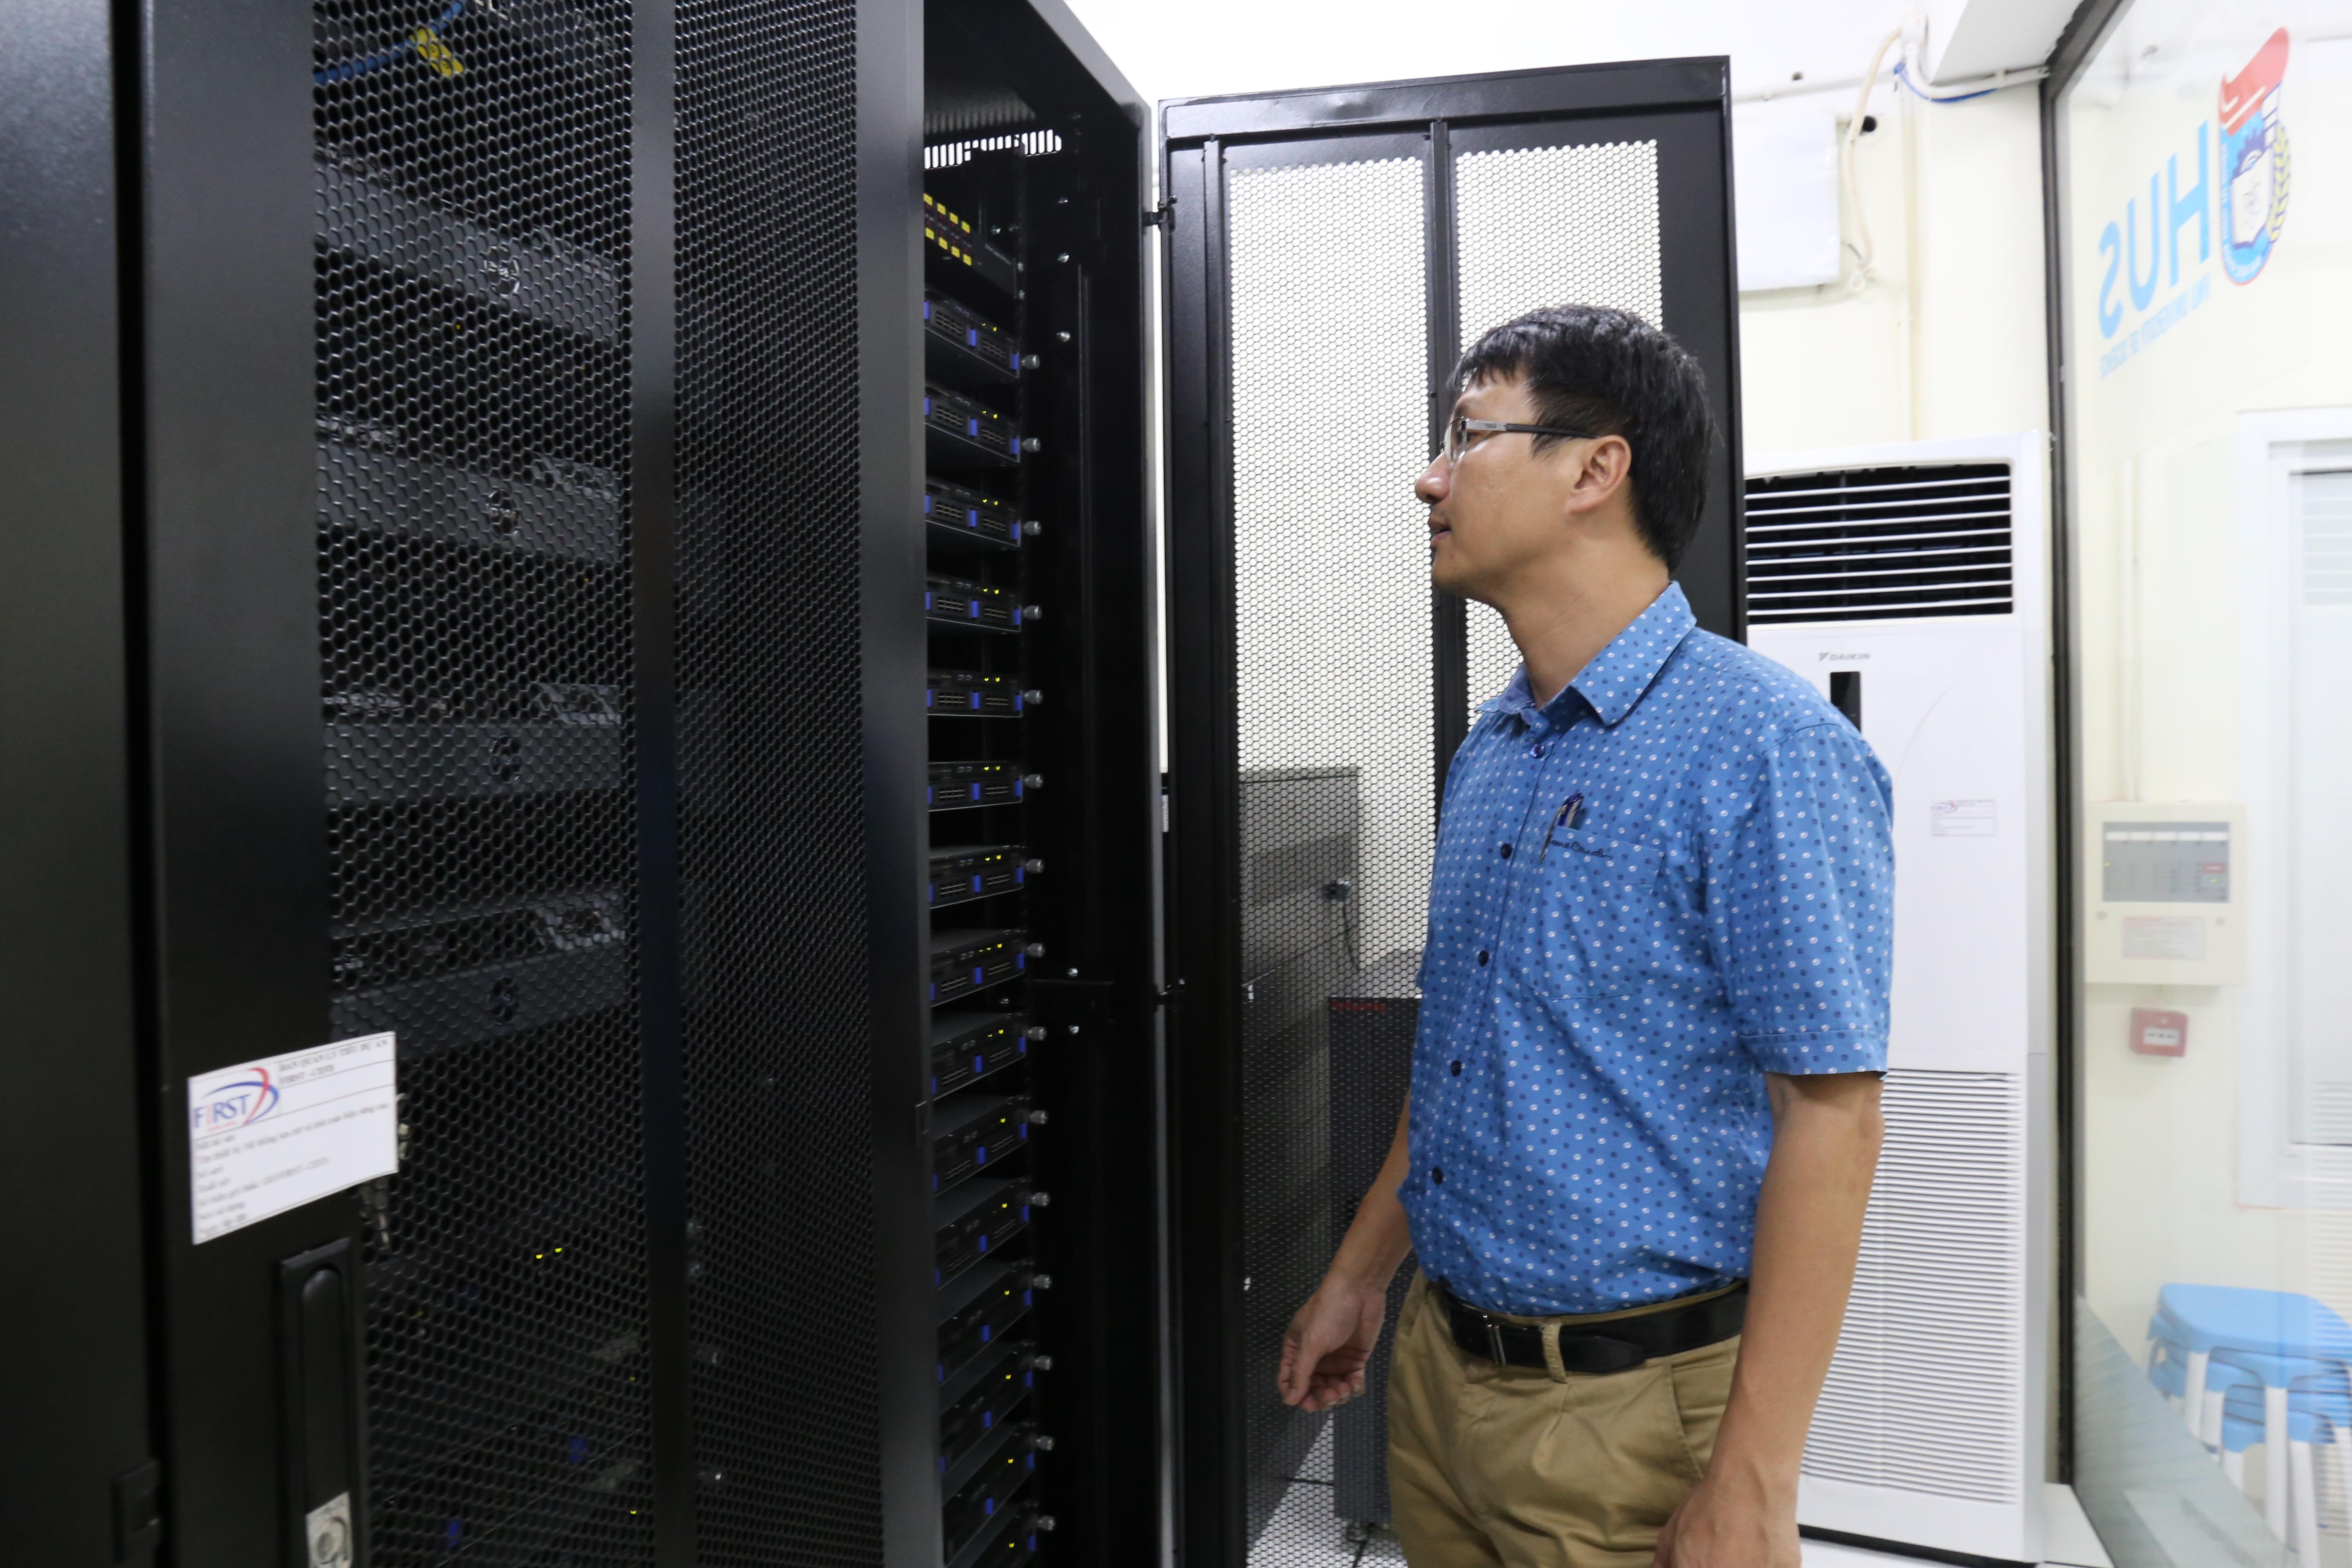 Sau hai năm triển khai, nhóm nghiên cứu của CEFD đã tích hợp thành công 3 mô hình ROMS, SWAN và WRF trong bộ mô hình COAWST, chạy tự động theo thời gian thực thông qua phần mềm MCT, theo PGS.TS. Trần Ngọc Anh.